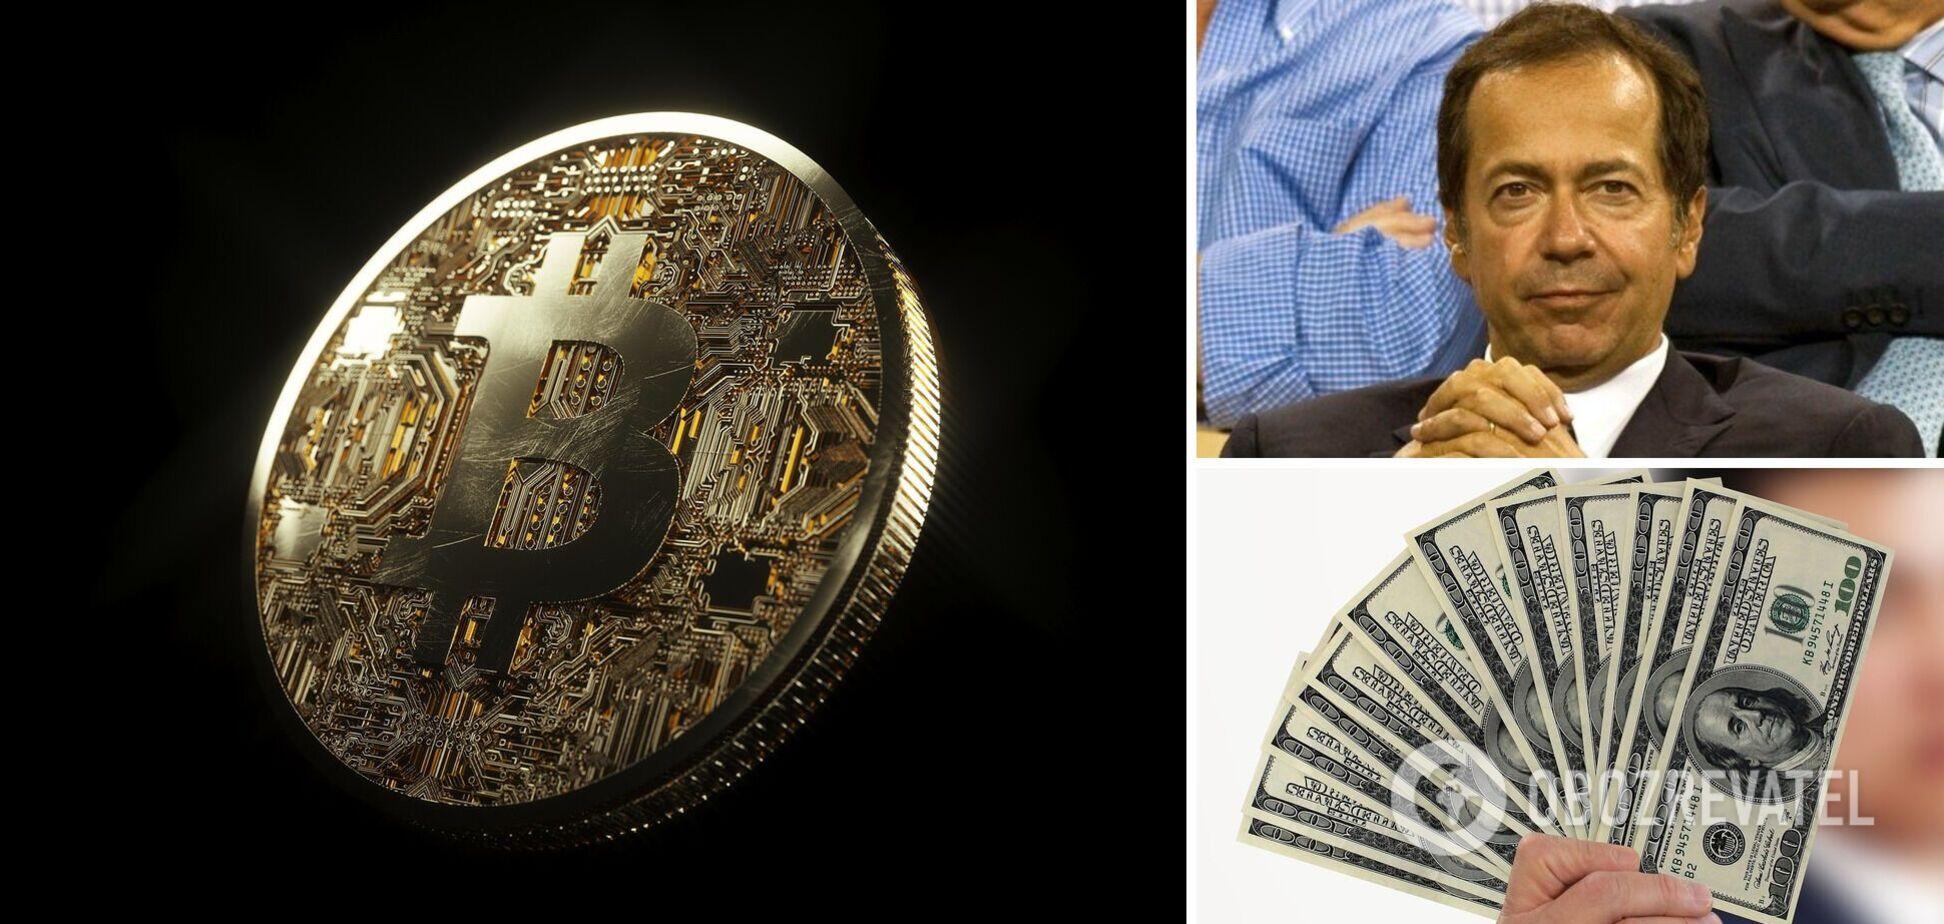 Миллиардер Полсон заявил, что криптовалюты окажутся бесполезными: когда 'упадут до нуля'